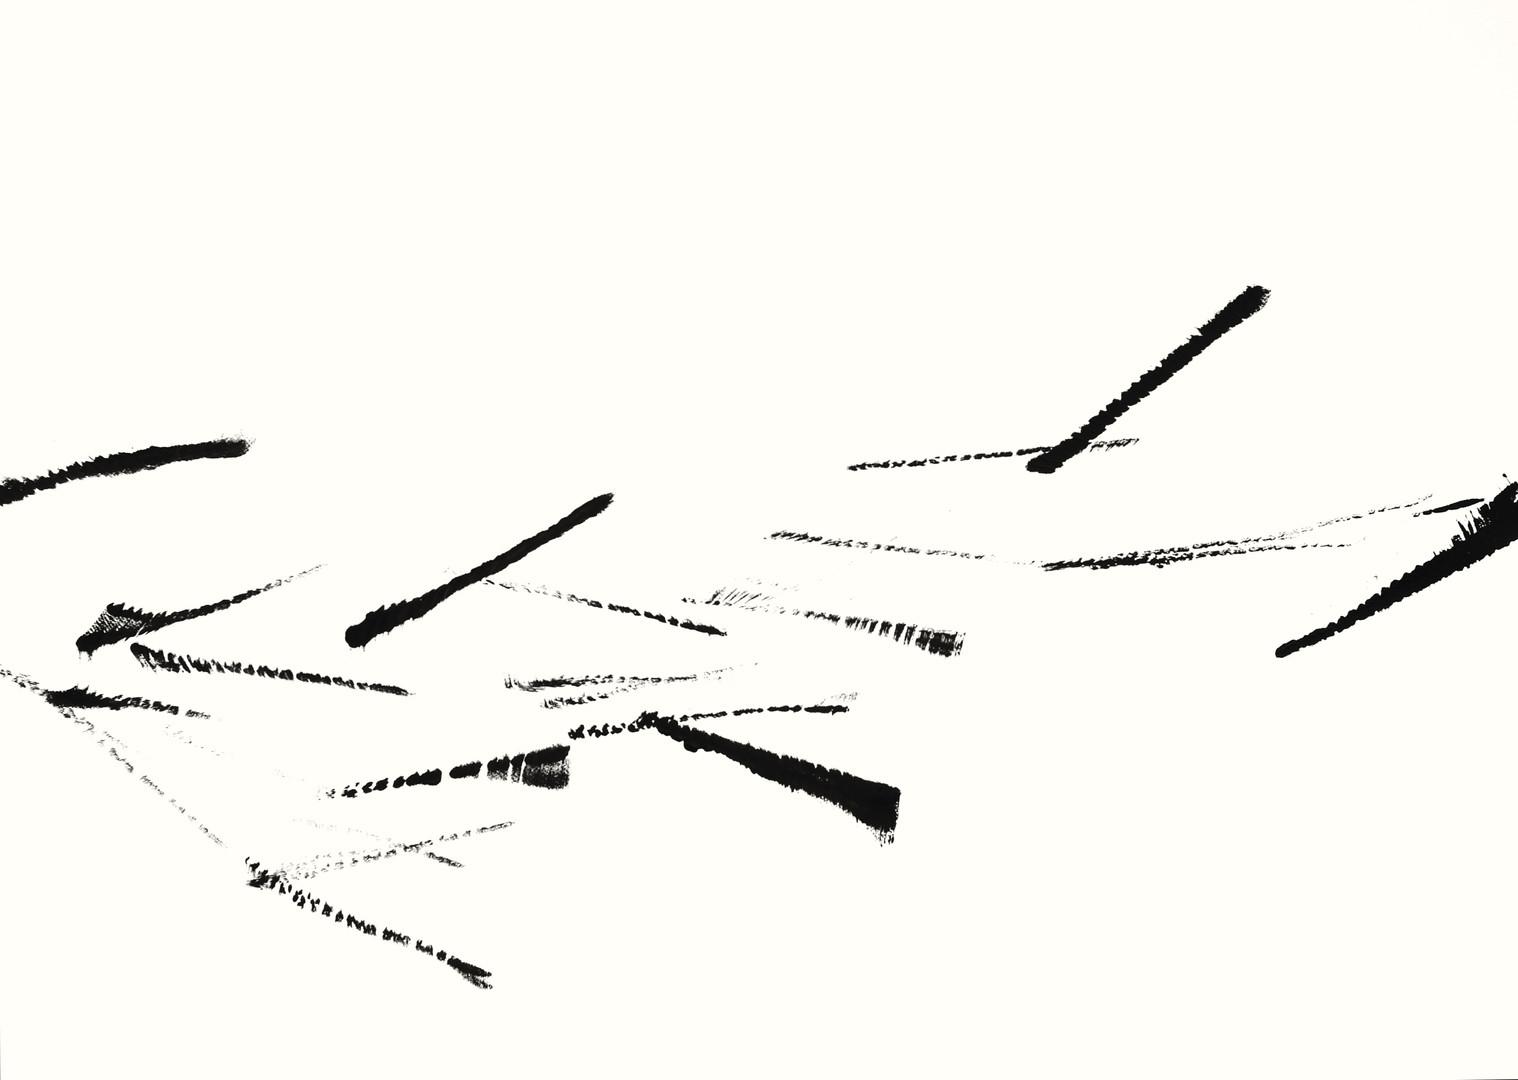 SFB2.4, Acryl auf Aquarellpapier, 105 x 75 cm, 2018